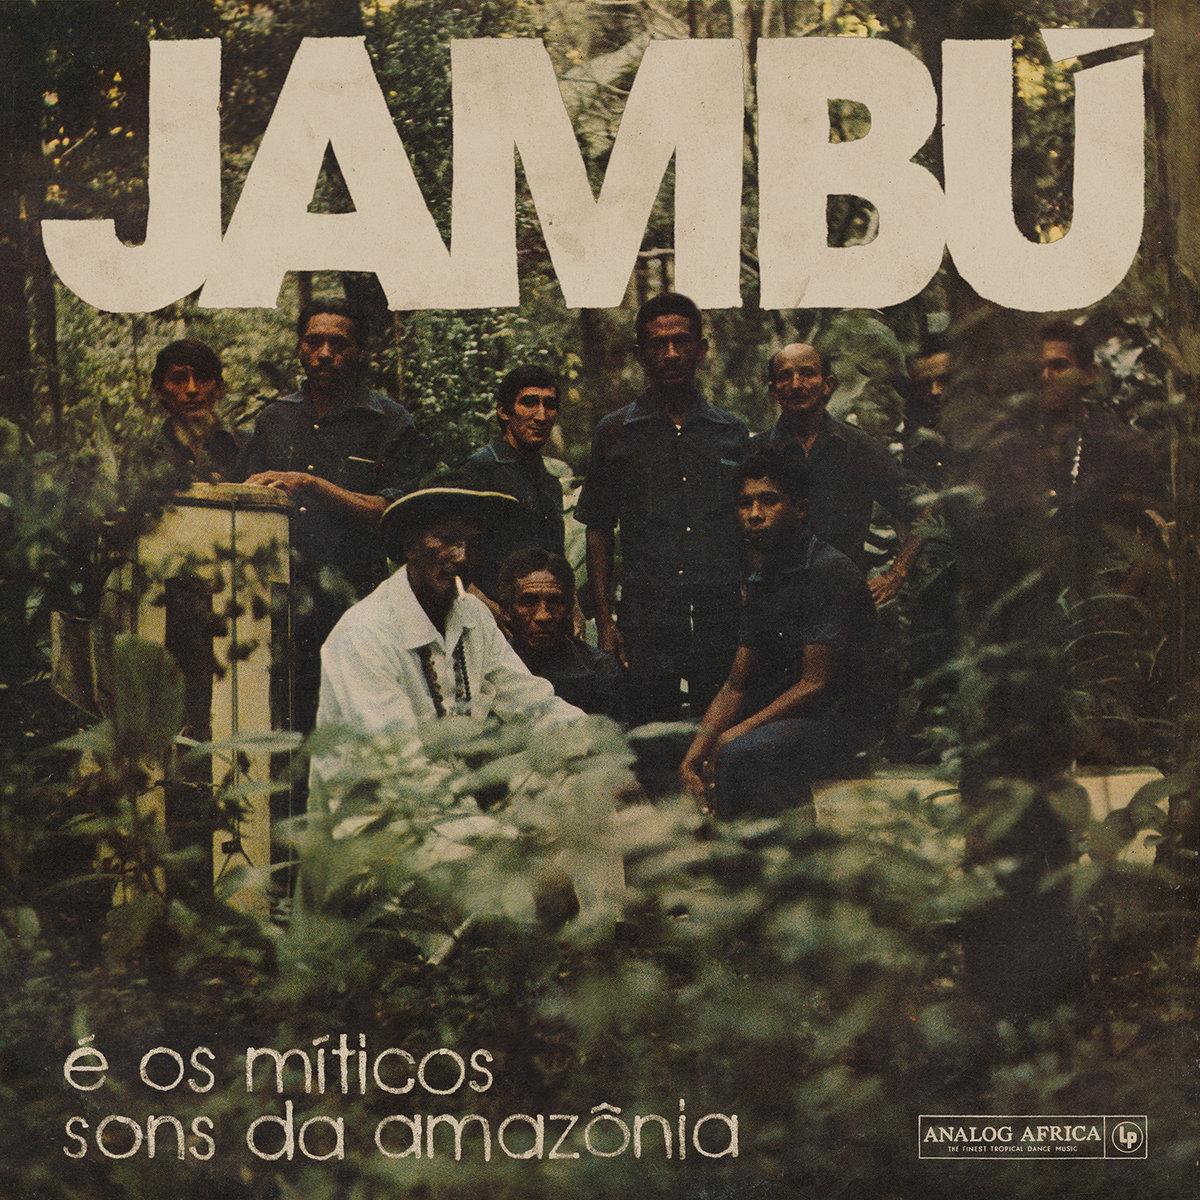 VARIOUS - Jambœ e Os M'ticos Sons Da Amaz™nia - LP x 2